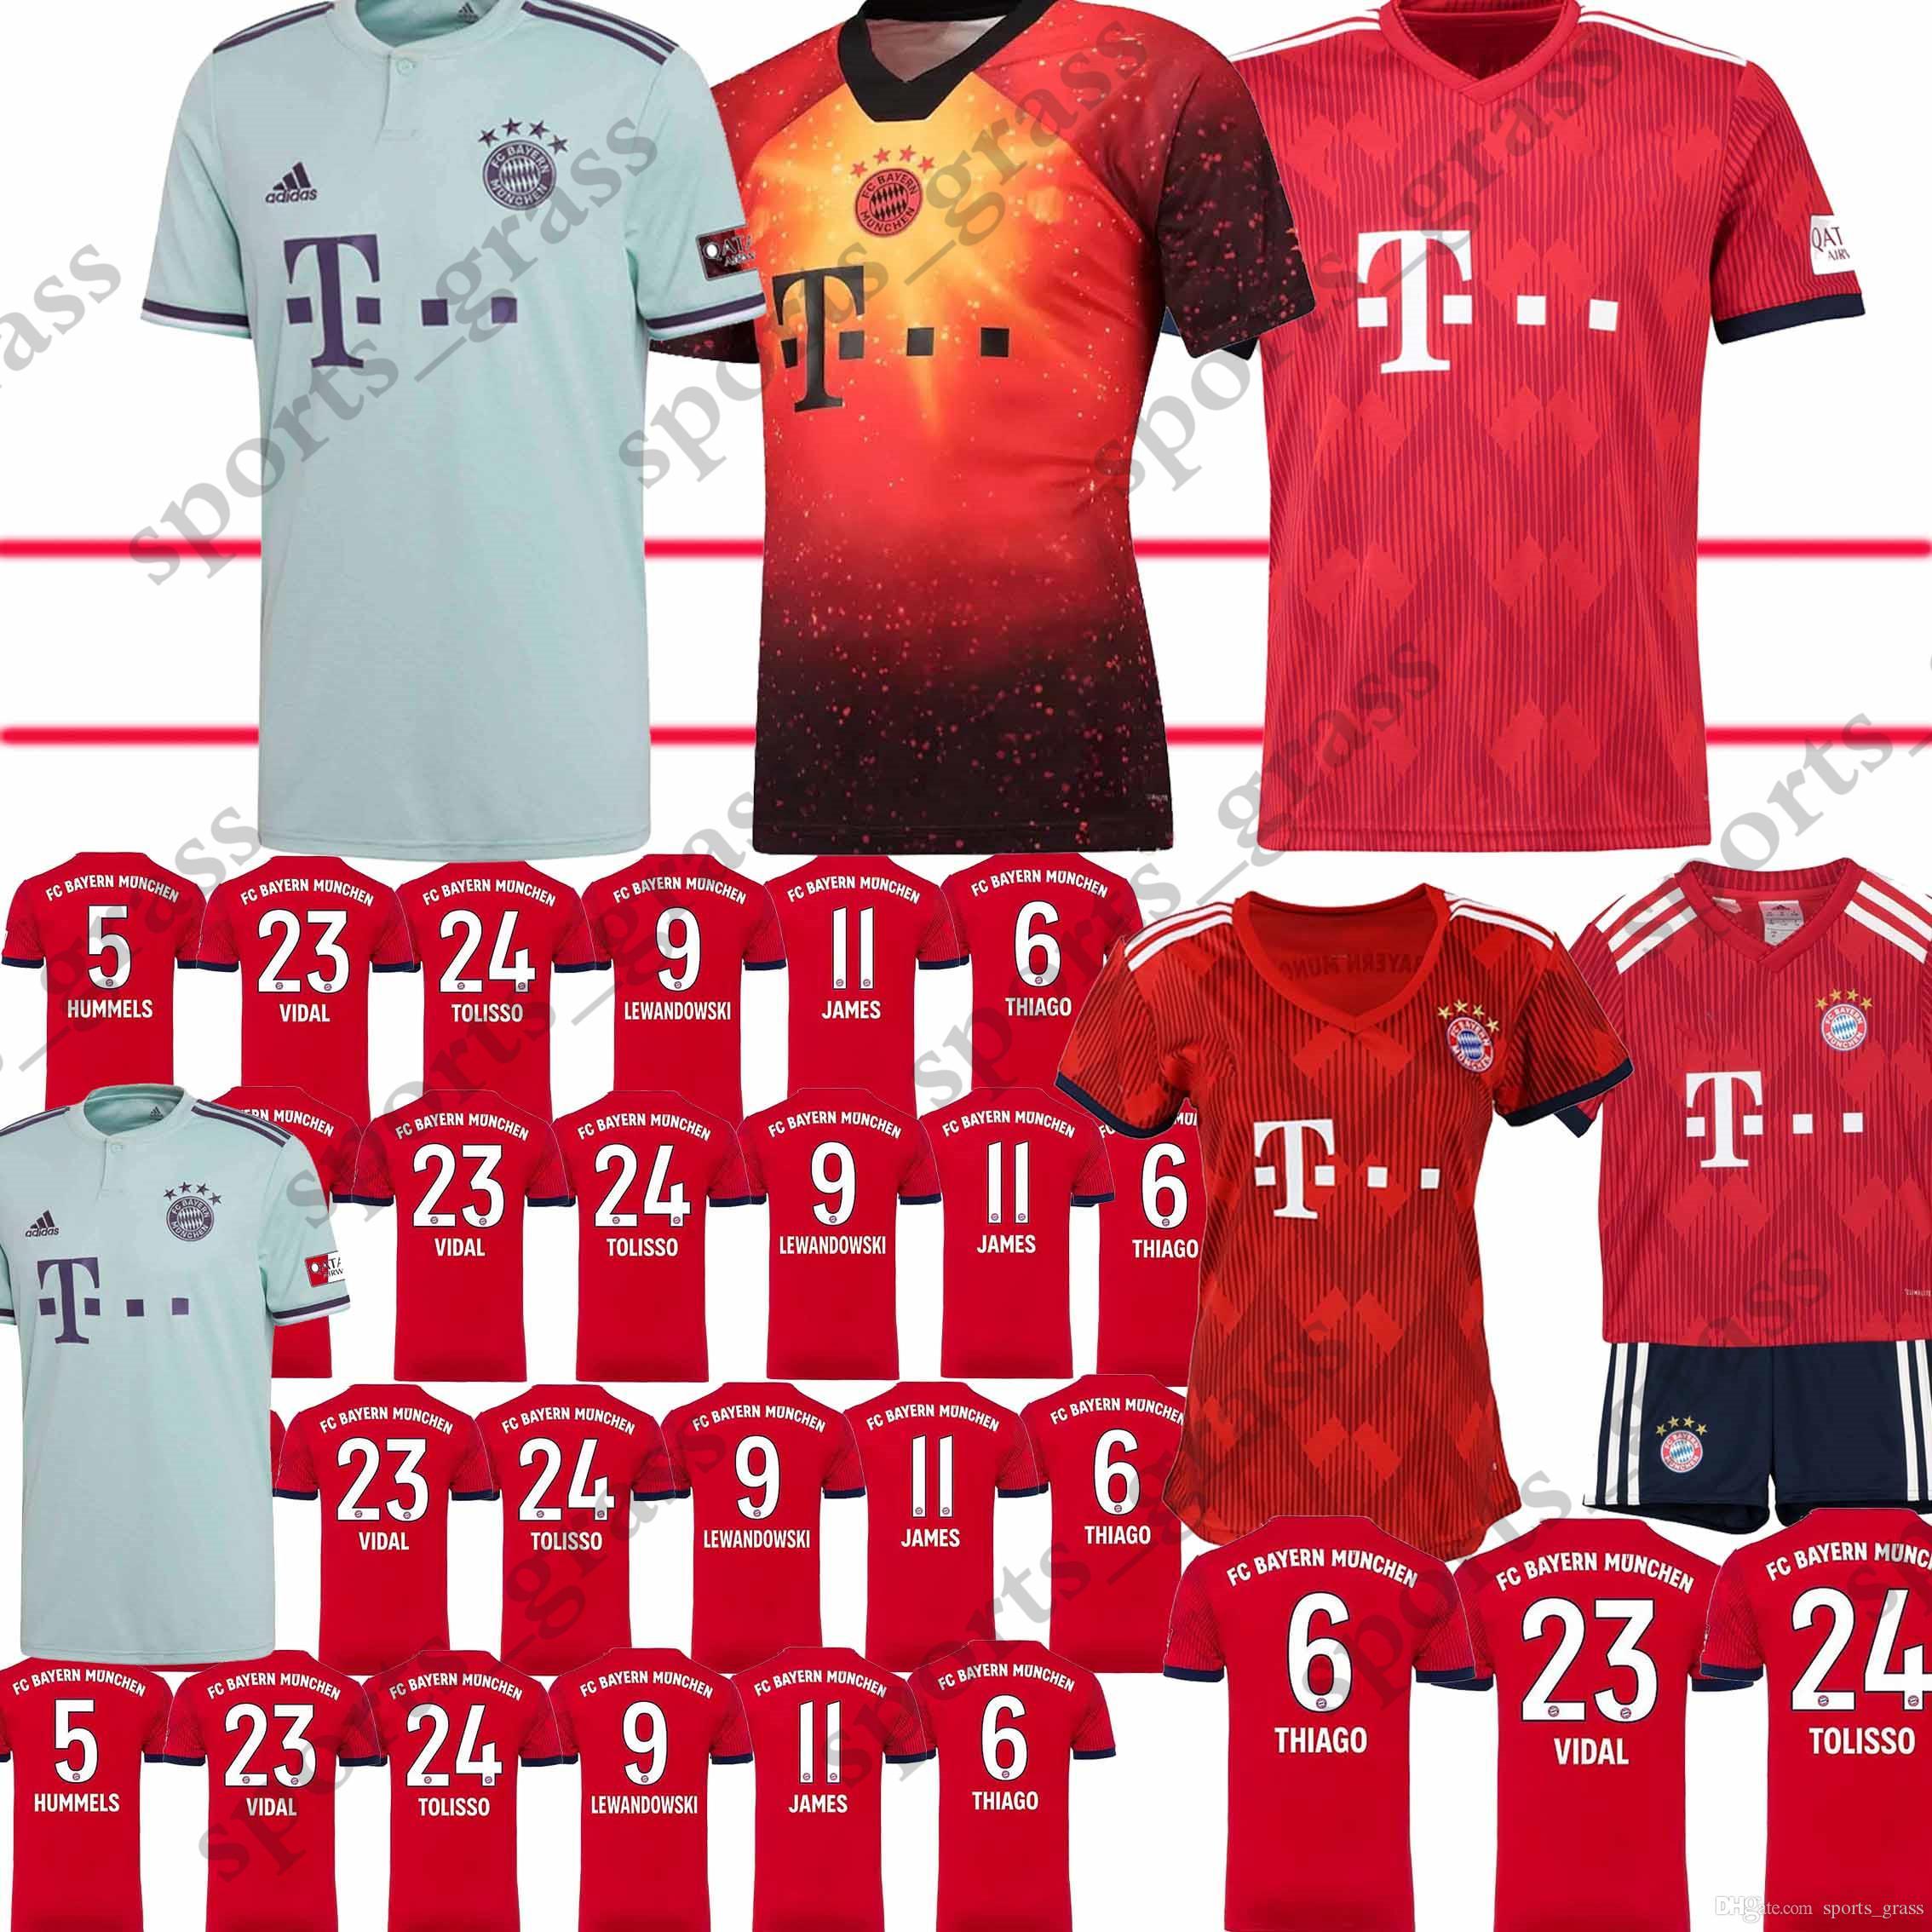 best service 0b136 4287d Size S-XL Bayern Munchen Jersey 18 19 Men LEWANDOWSKI ROBBEN JAMES MULLER  HUMMELS Bayern Munich Football Shirt Red Green Bayern Jersey Tops